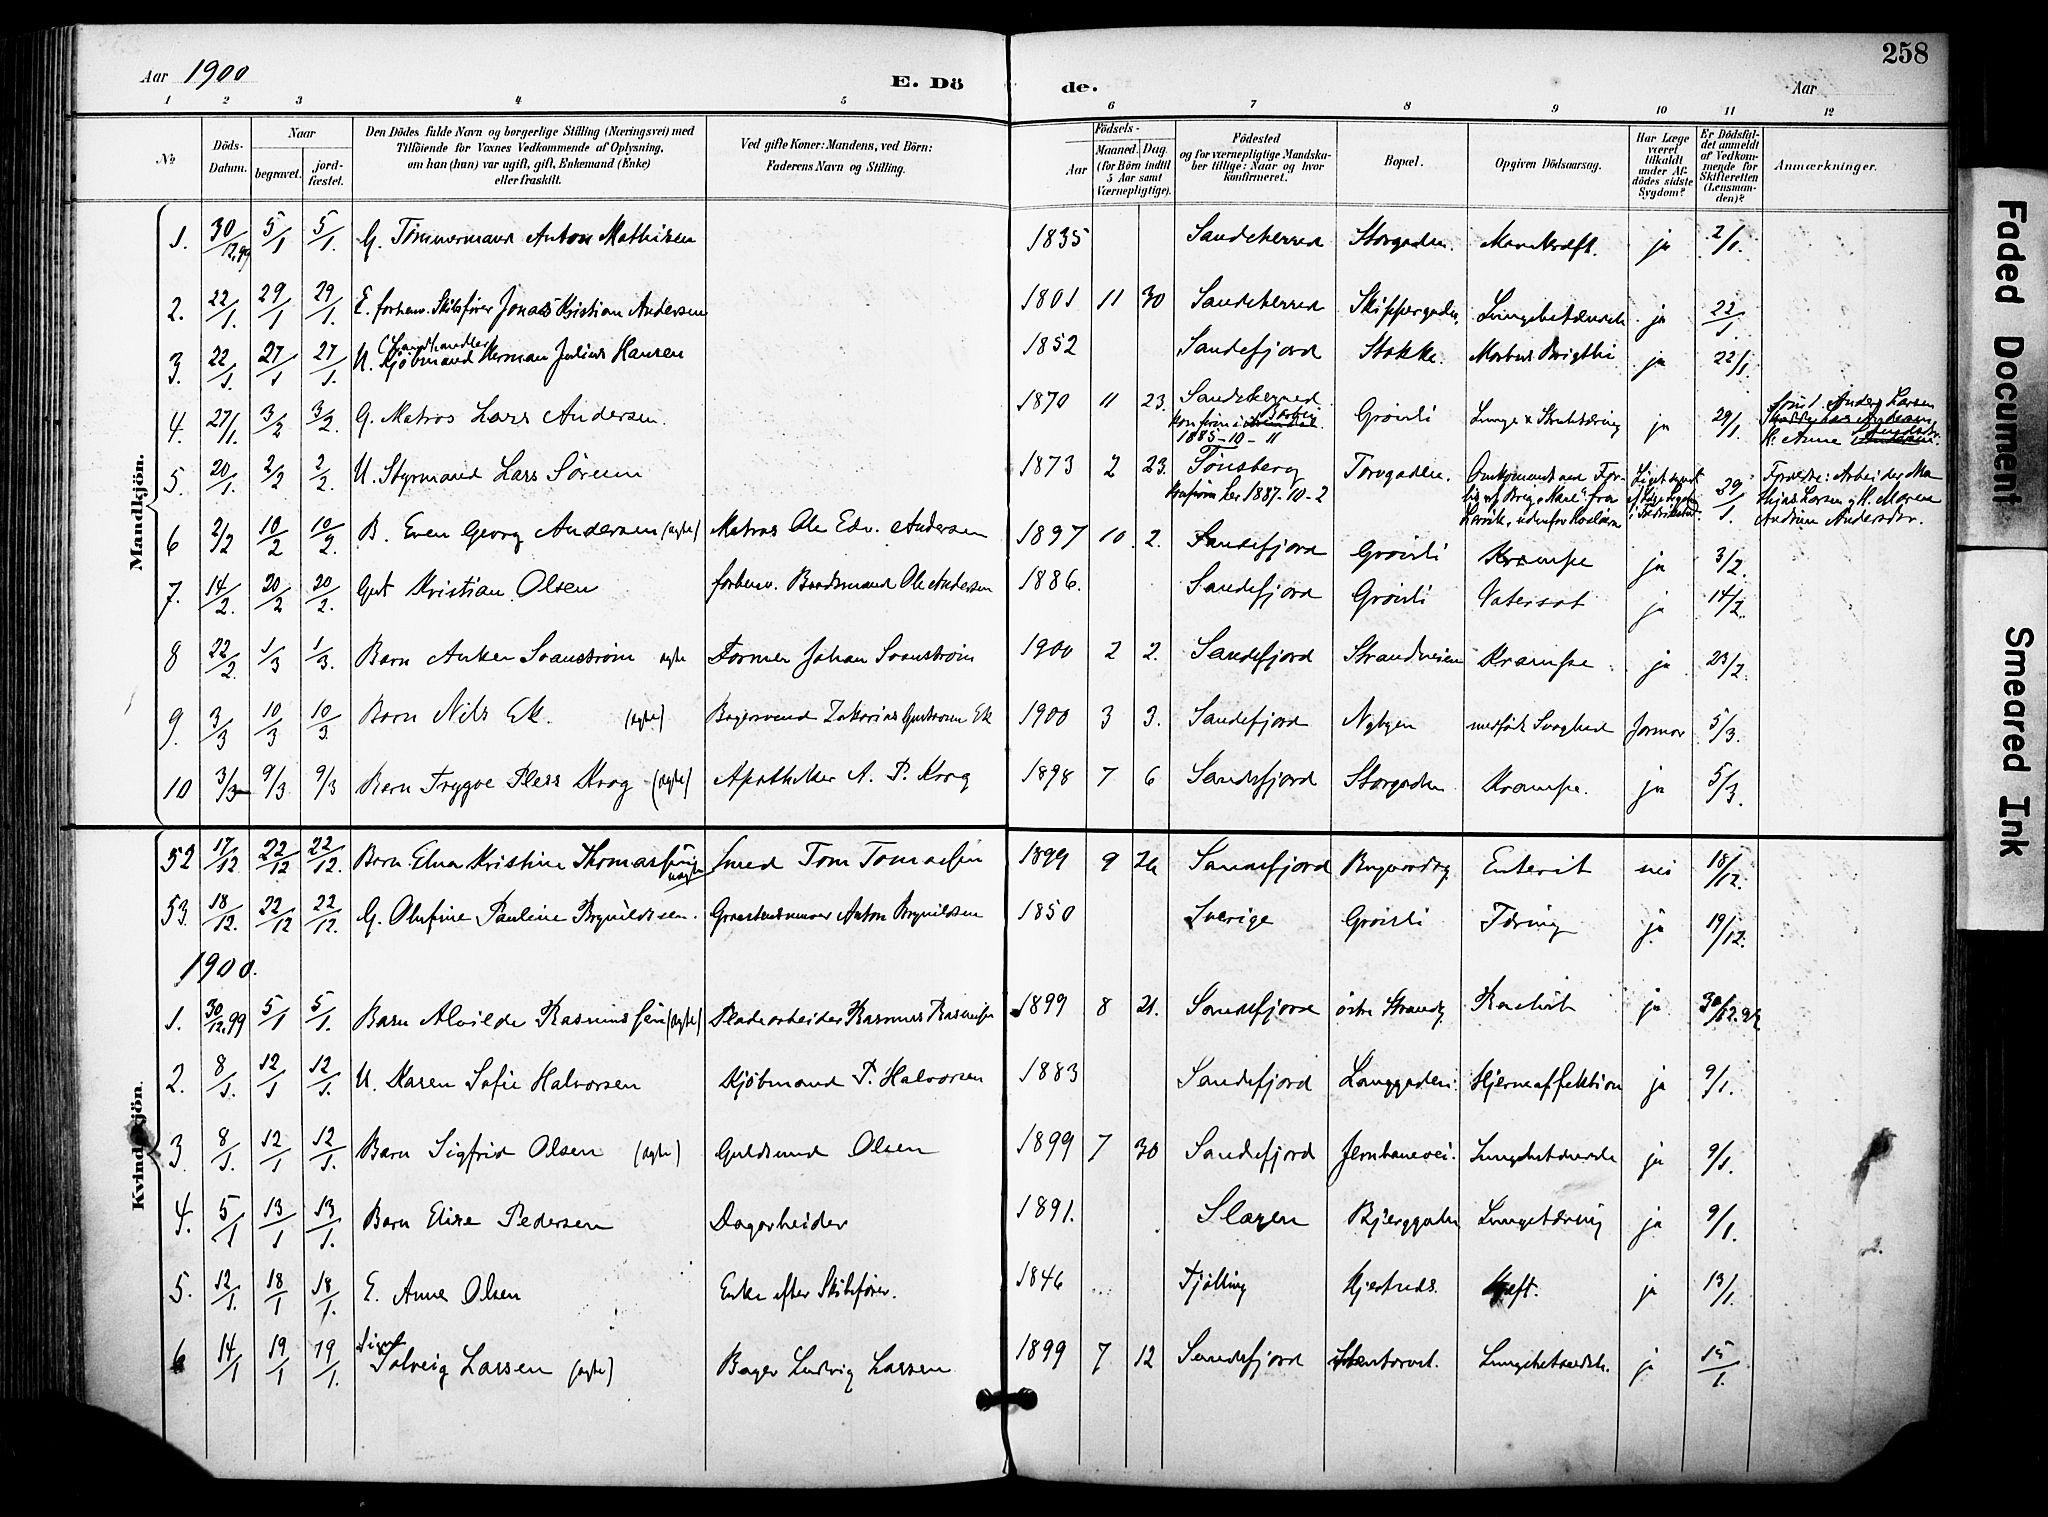 SAKO, Sandefjord kirkebøker, F/Fa/L0004: Ministerialbok nr. 4, 1894-1905, s. 258